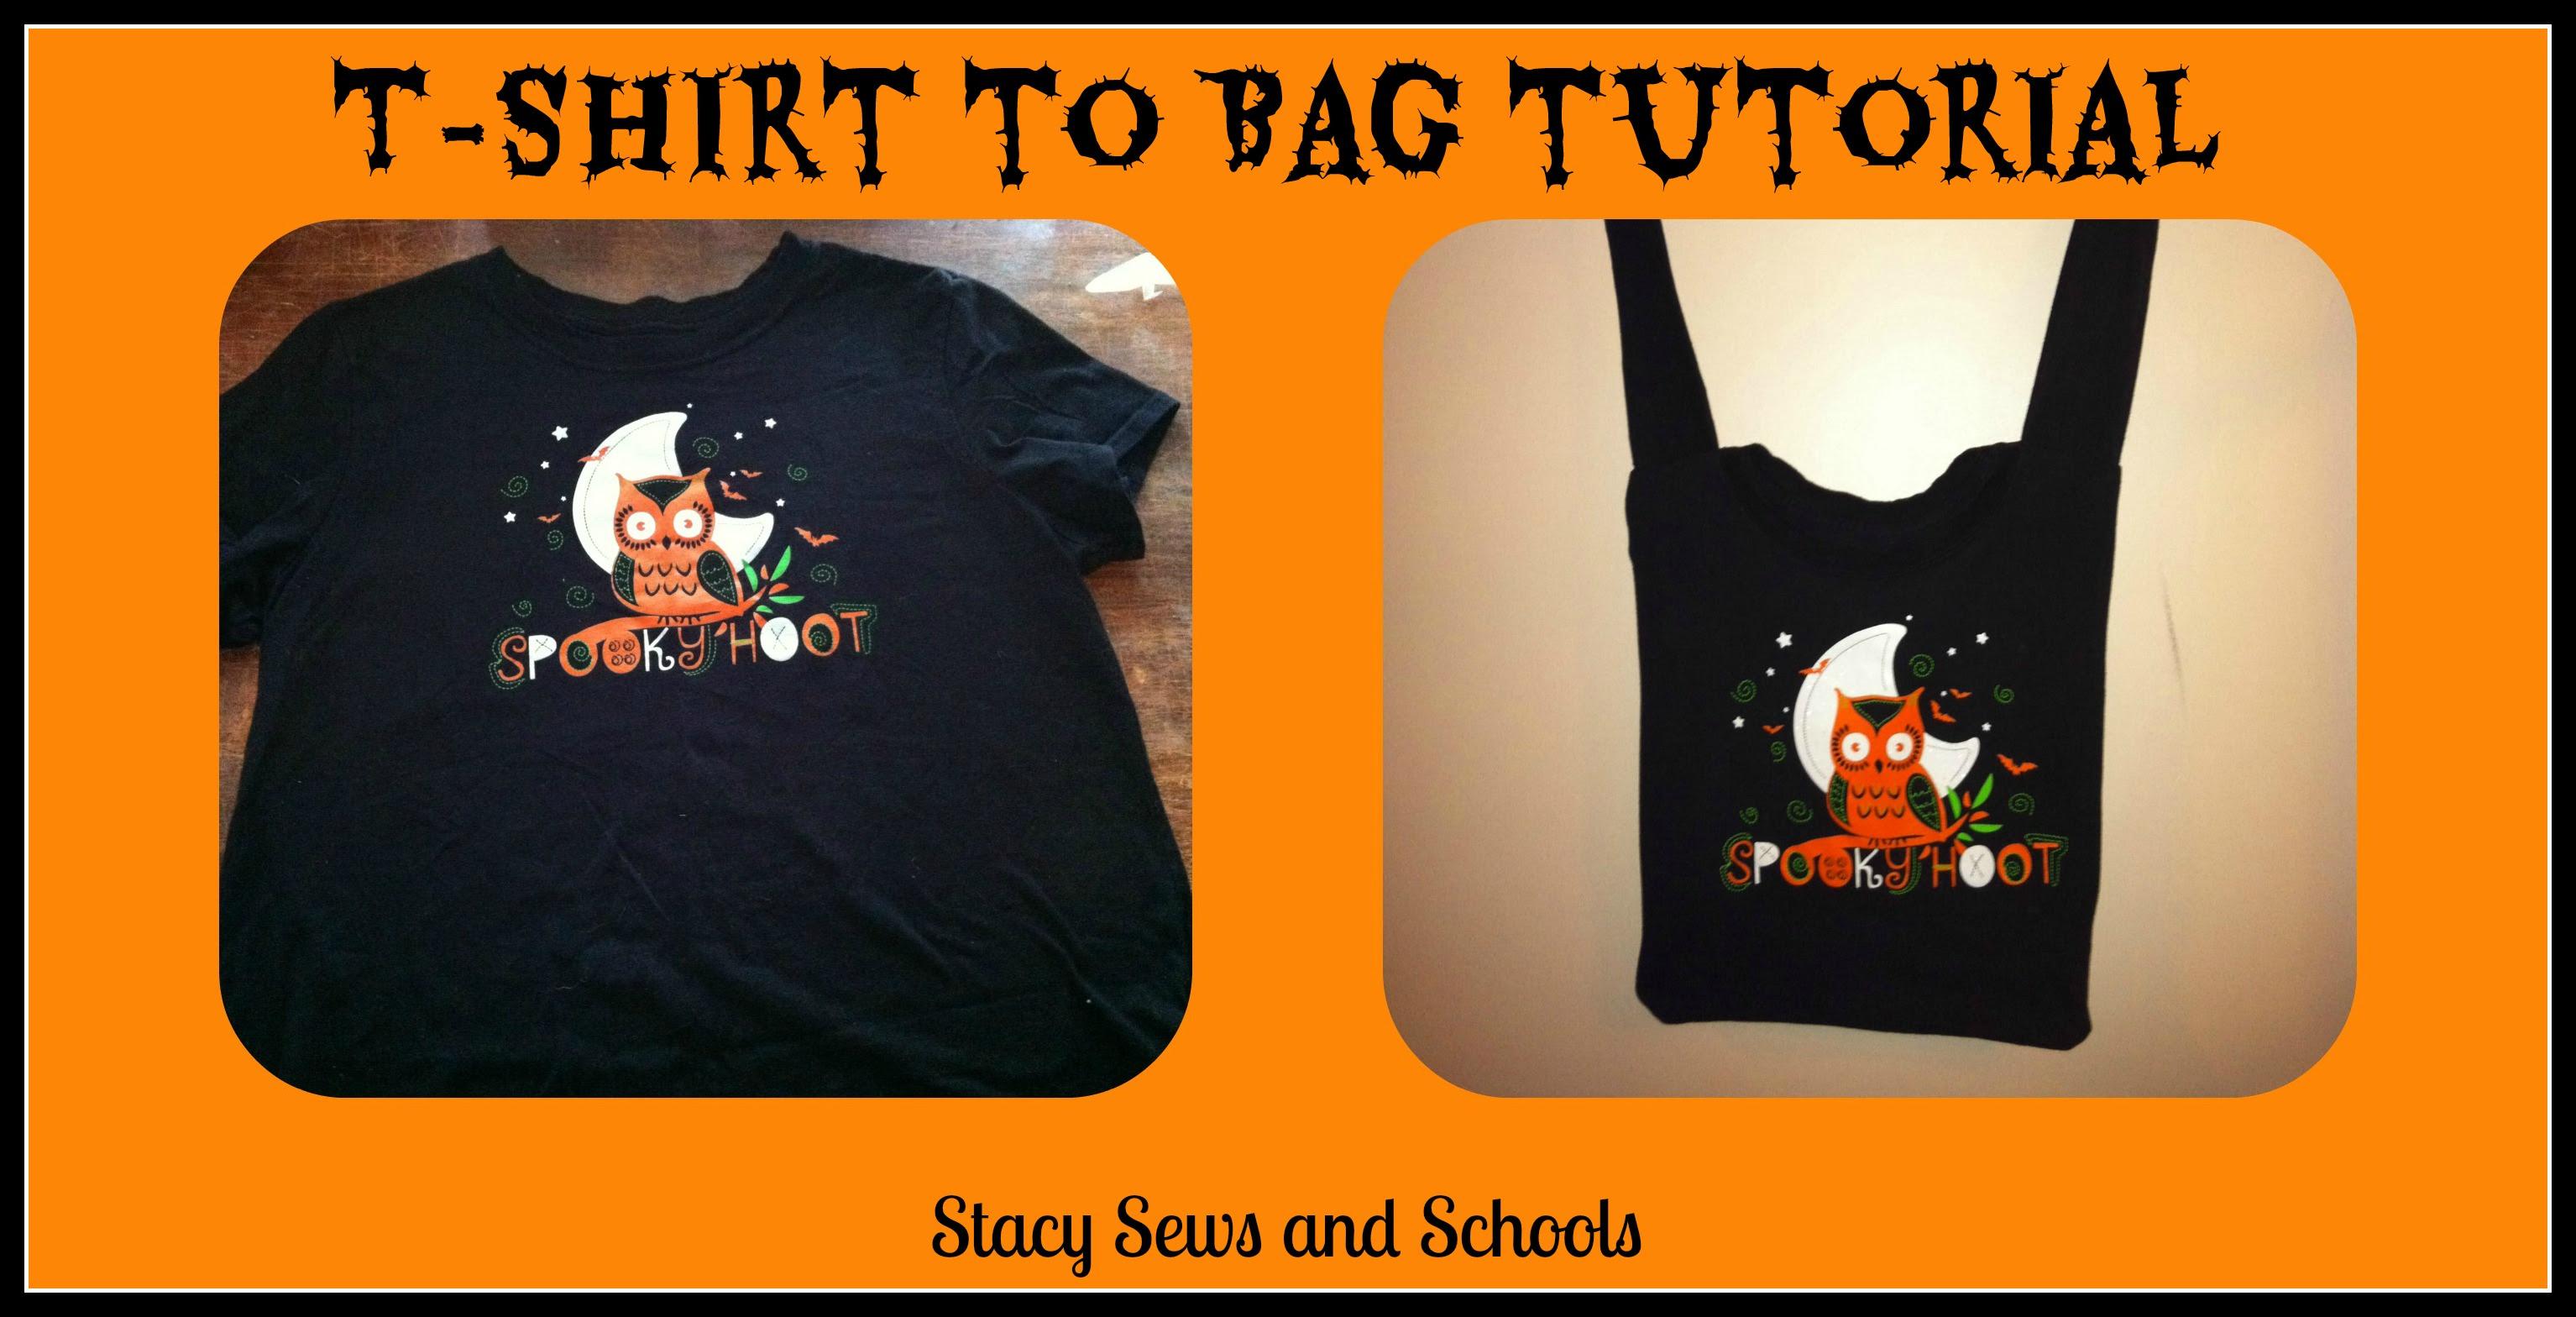 Tshirt to Bag